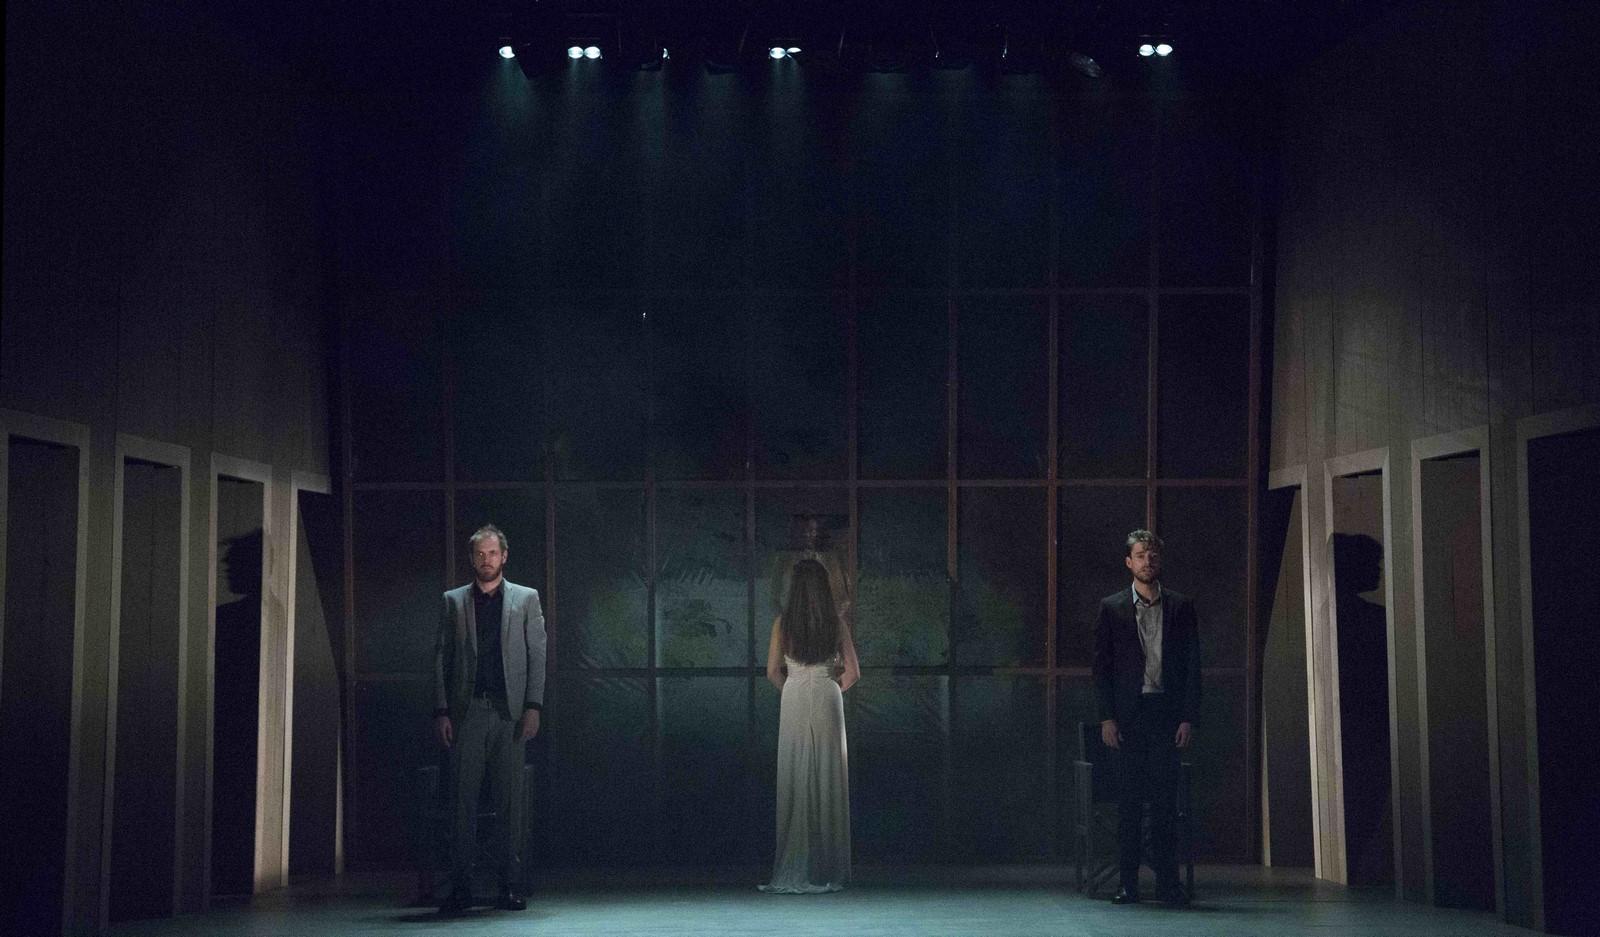 Anmeldelse: (B)romance, Sceneriet under Det Ny Teater